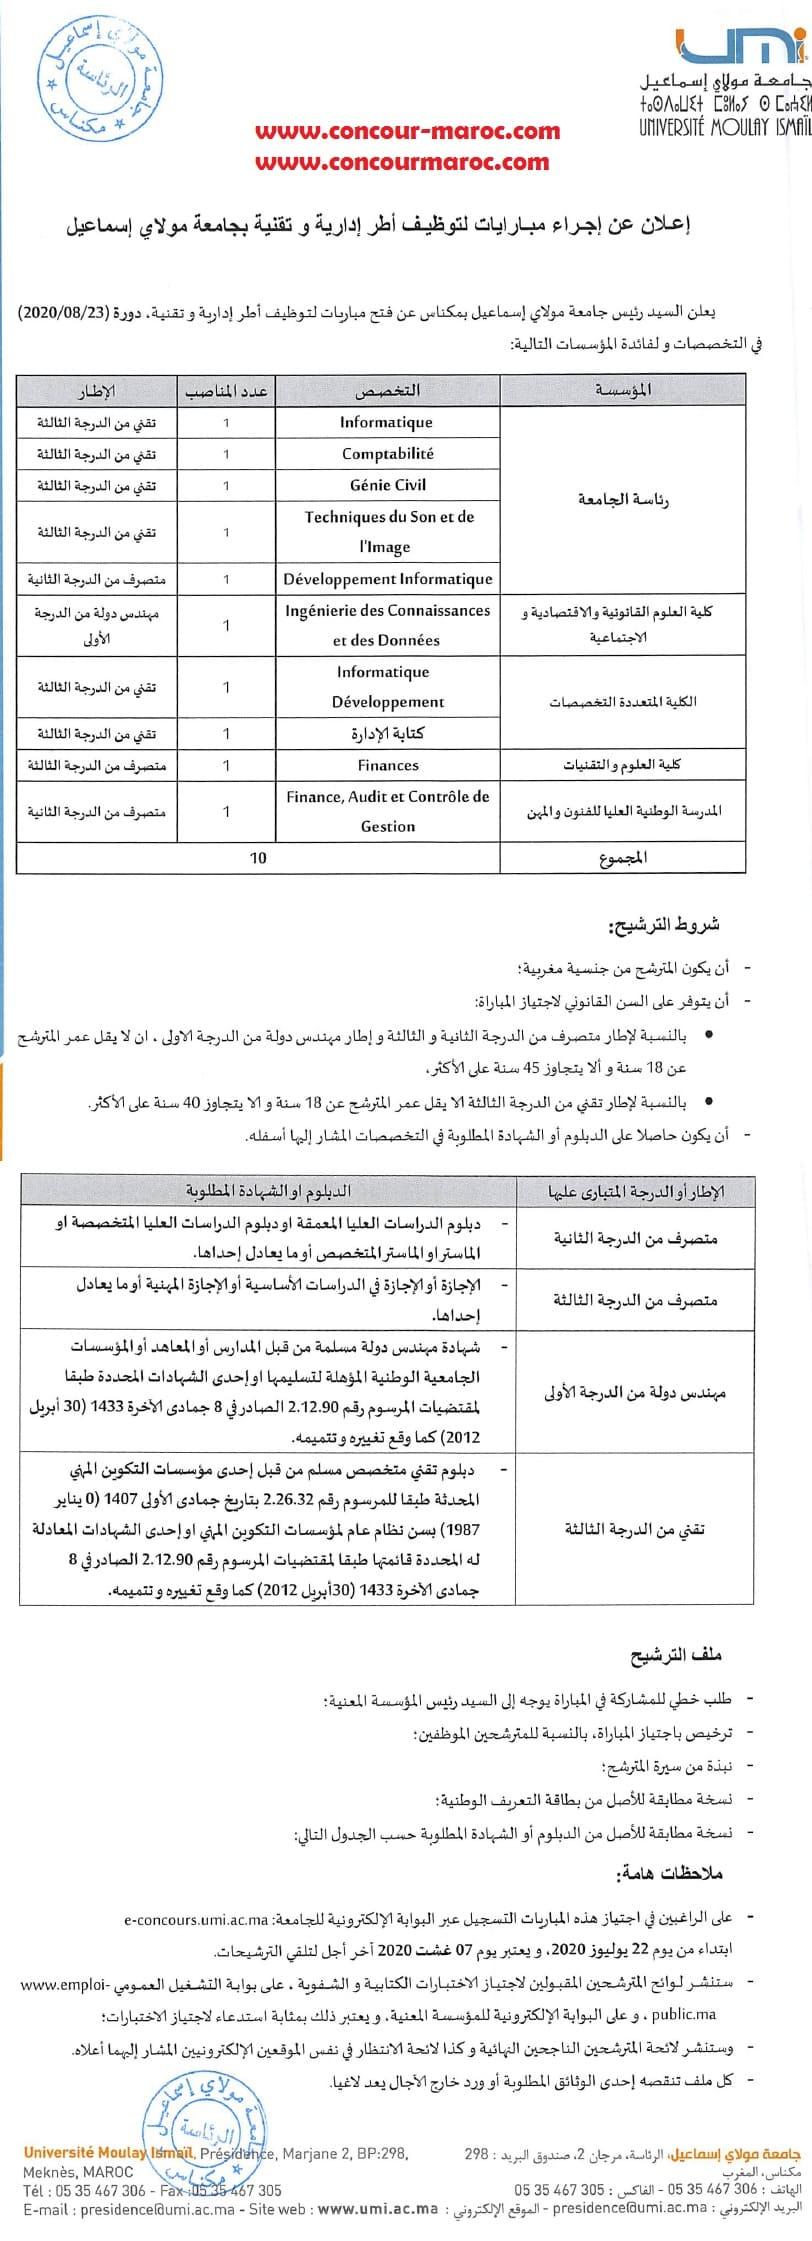 جامعة مولاي اسماعيل - مكناس إعلان عن مباريات لتوظيف تقنيين و أطر إدارية وتقنية اخر جل 07 غشت 2020 Yao_ai13